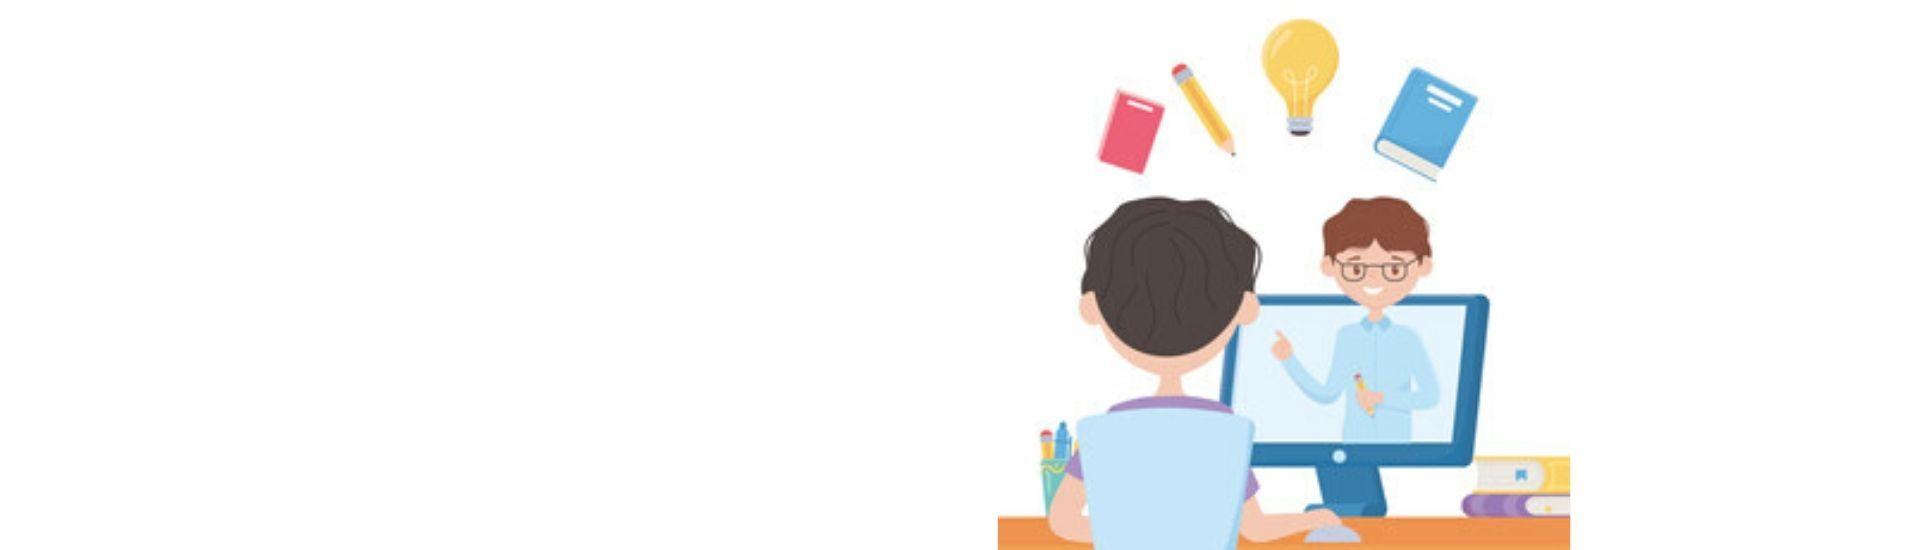 Profesor y estudiante en clase online